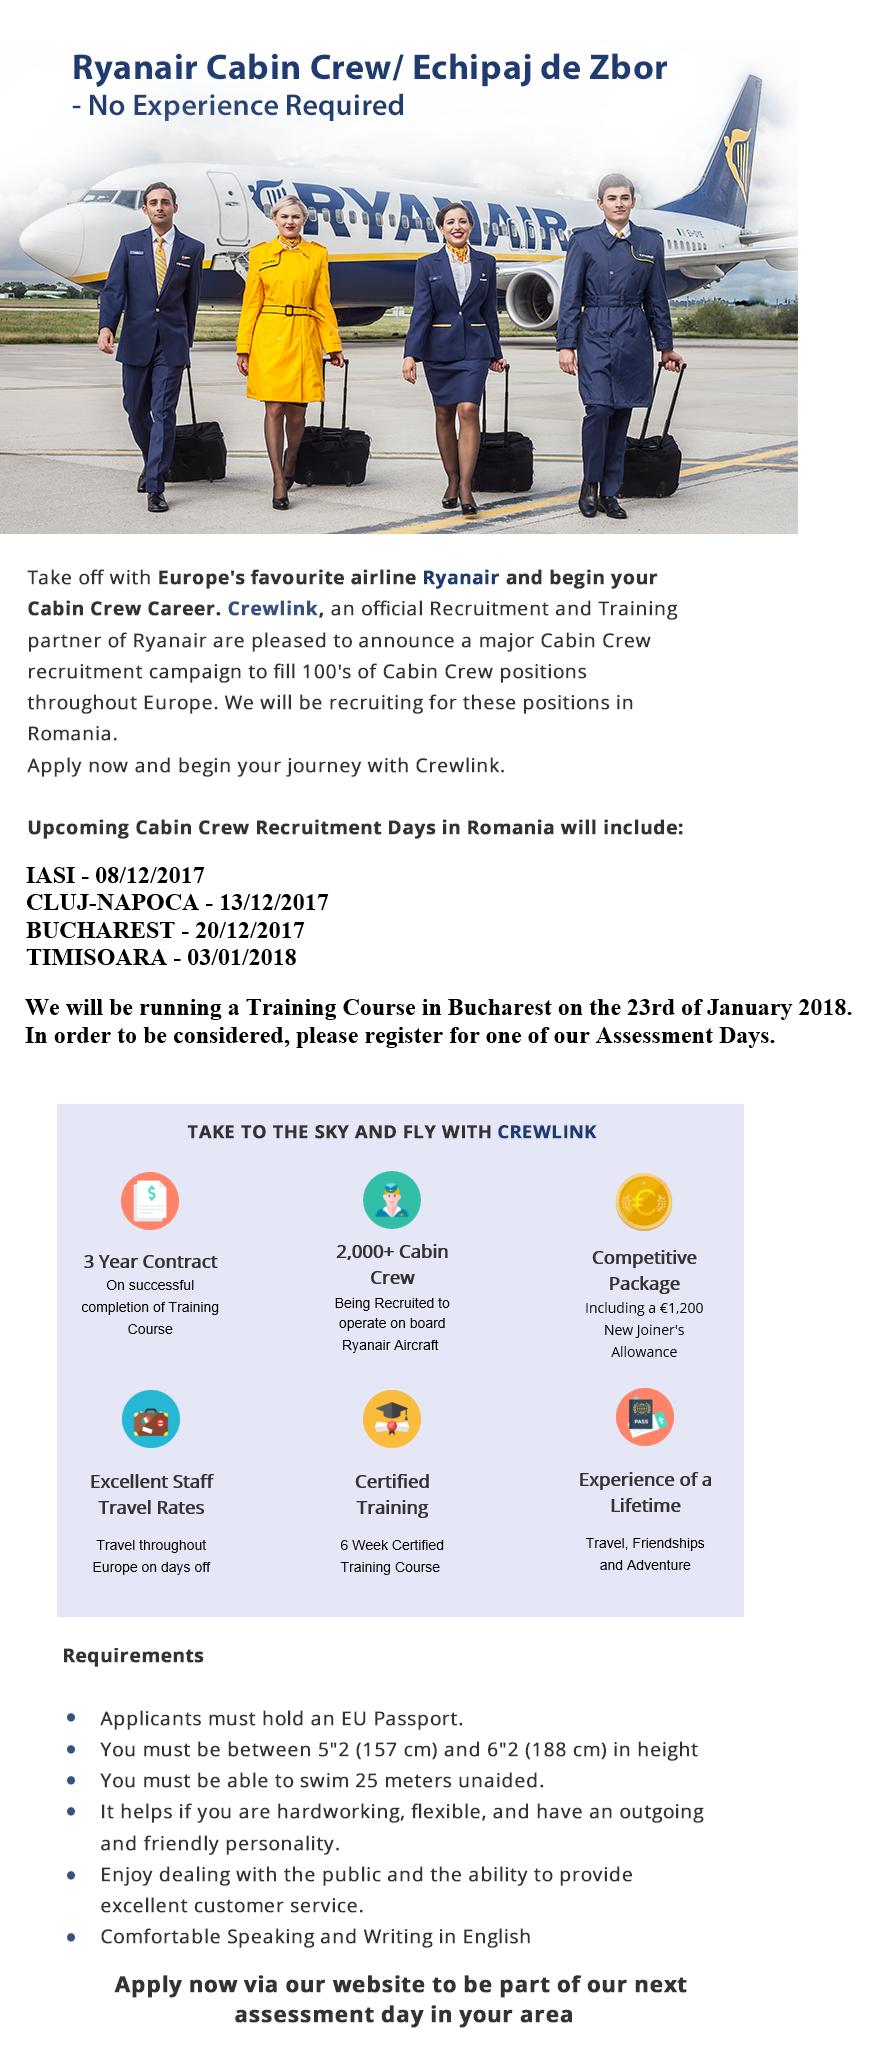 Ryanair Cabin Crew/ Echipaj de Zbor - No Experience Required